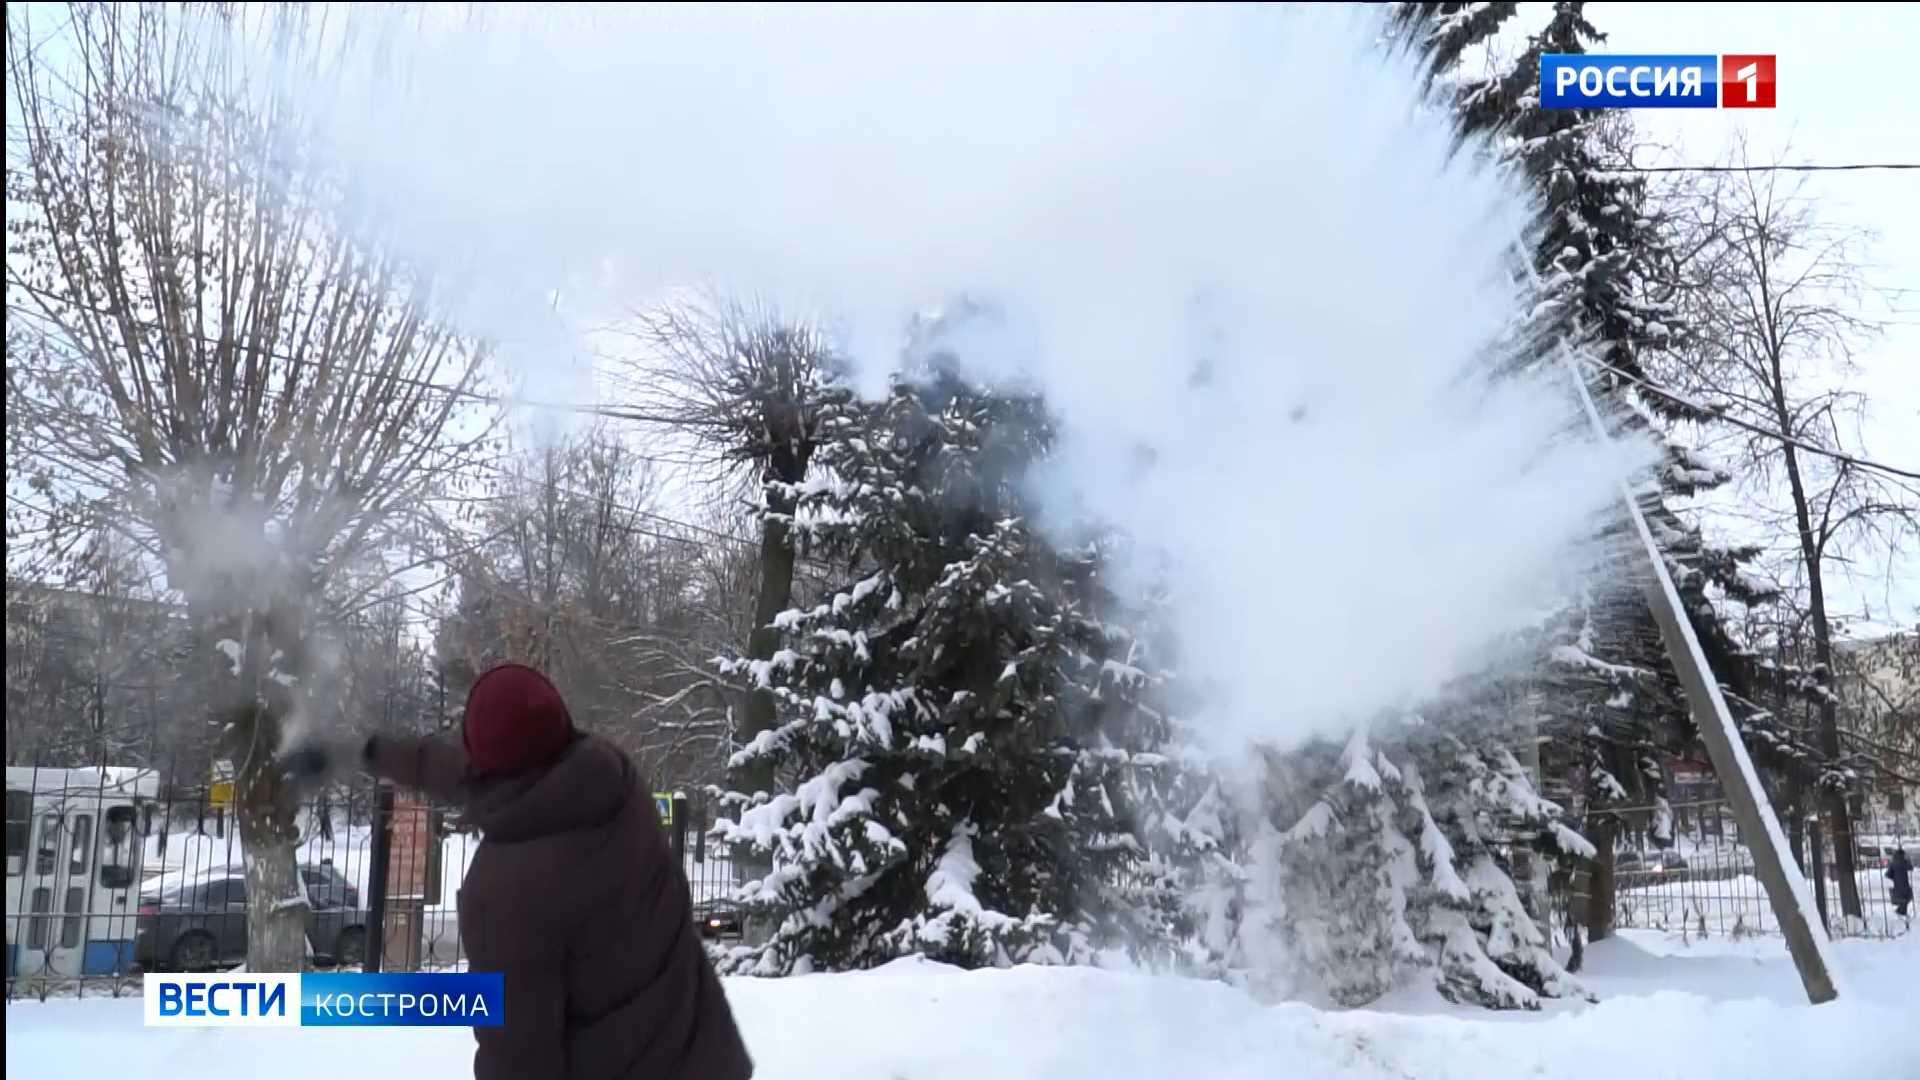 Костромская область прошла испытание на морозоустойчивость